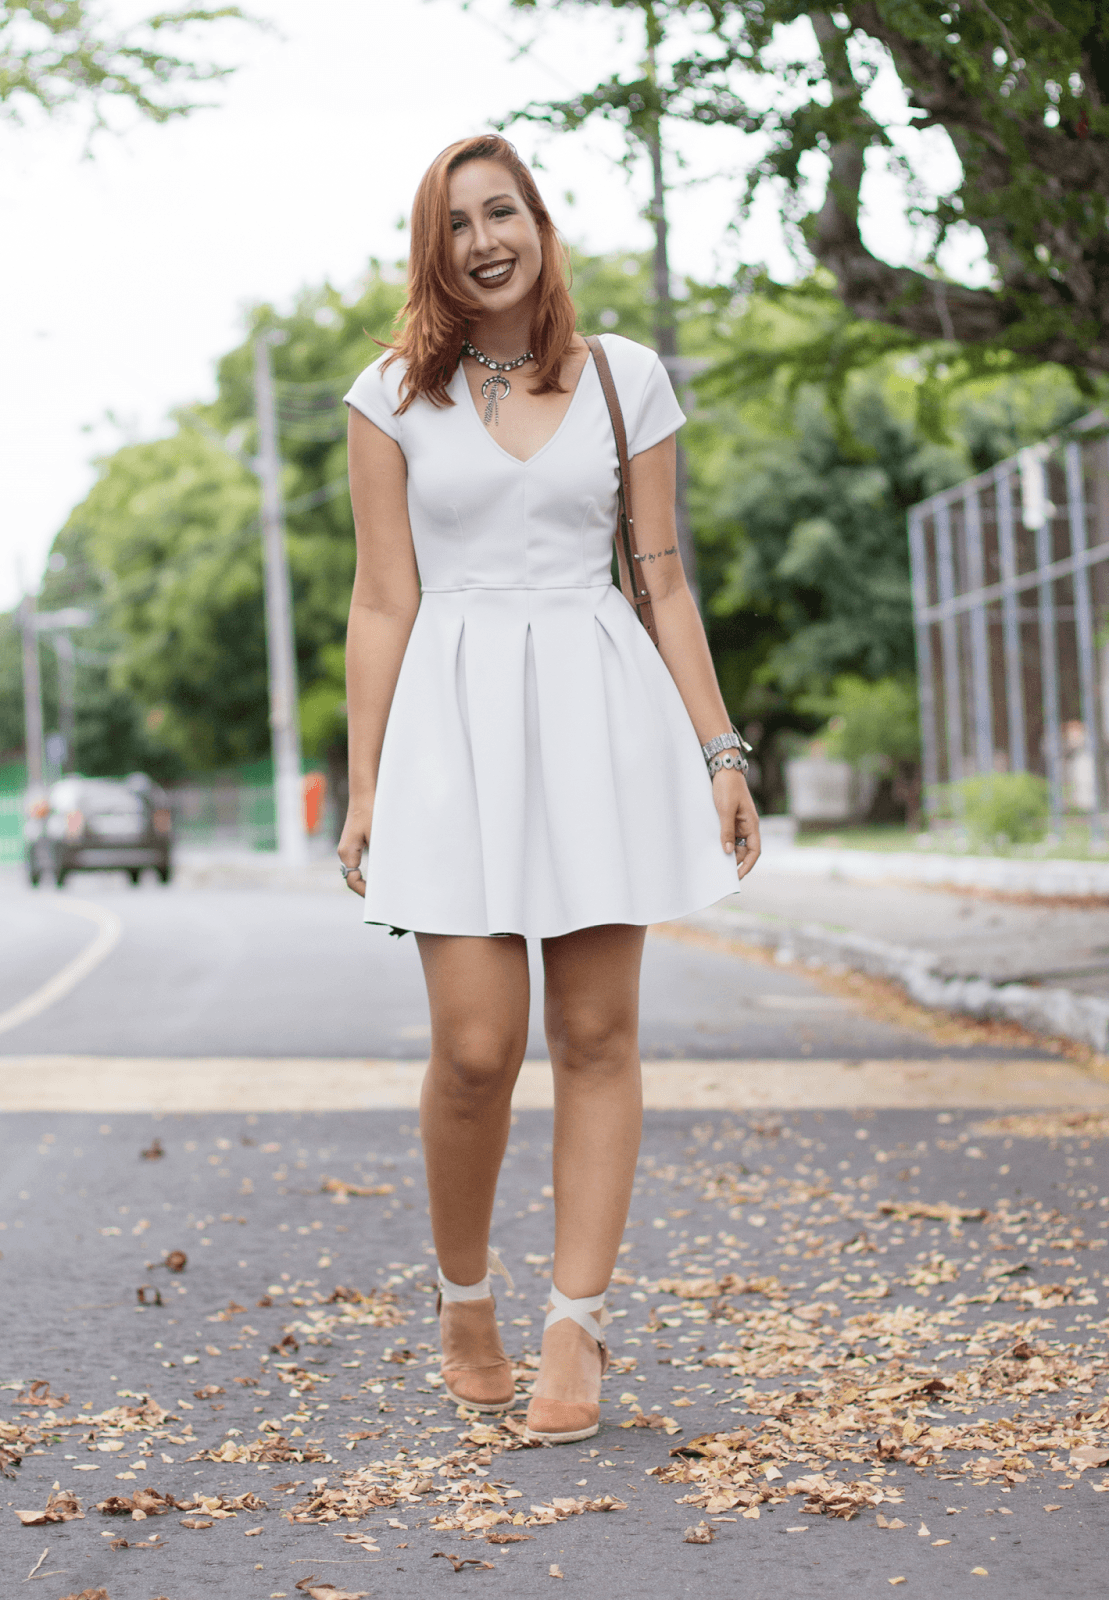 0aaf84abe4 ... vestido-branco-rodado-espadrille-salto-plataforma-antenantenada-1 01